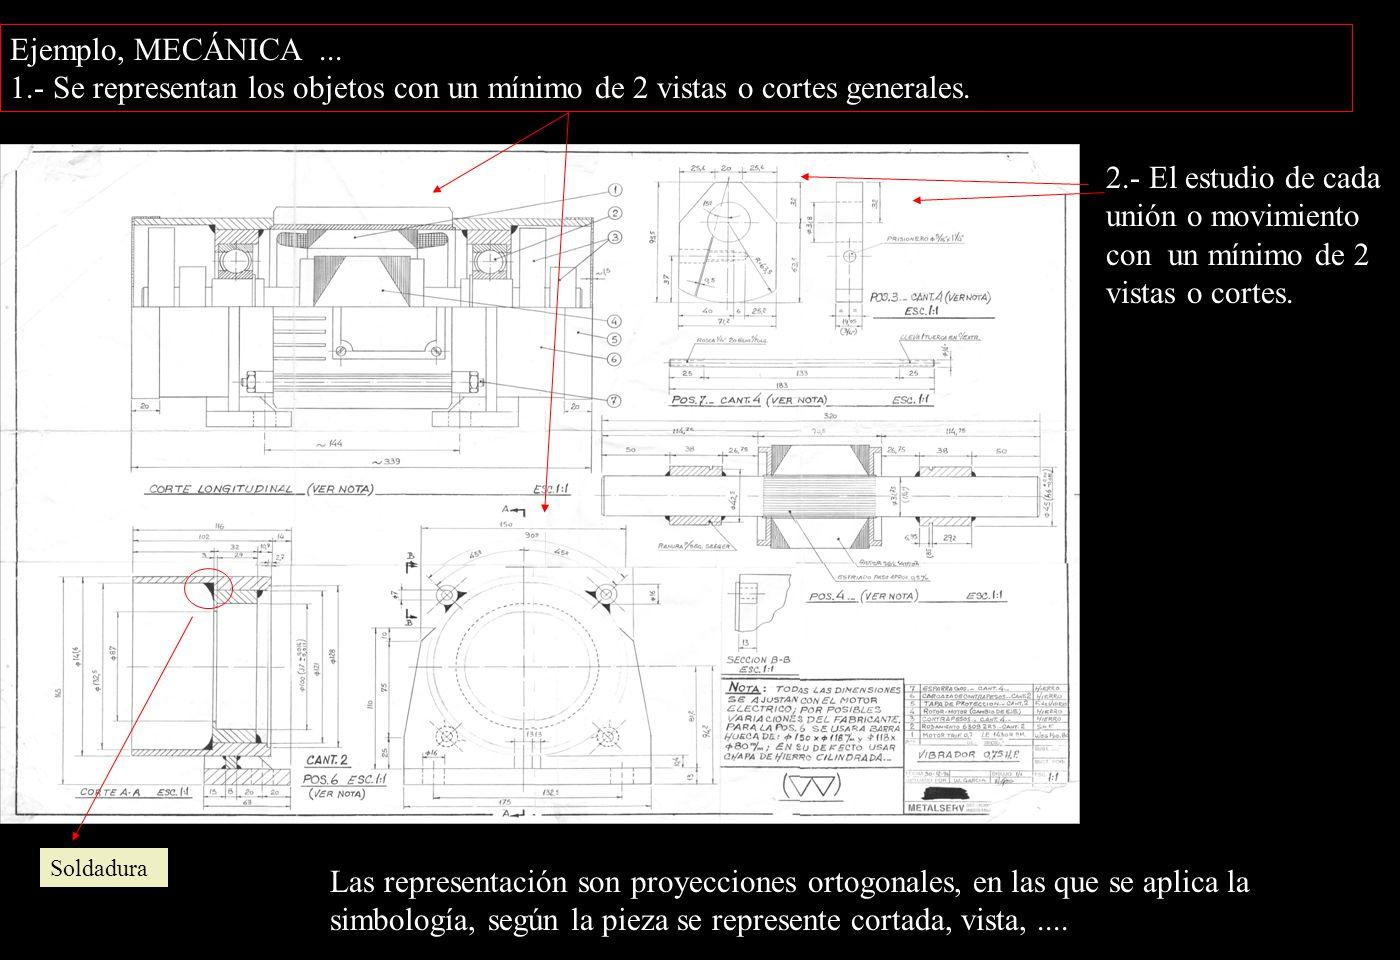 Ejemplo, MECÁNICA... 1.- Se representan los objetos con un mínimo de 2 vistas o cortes generales.